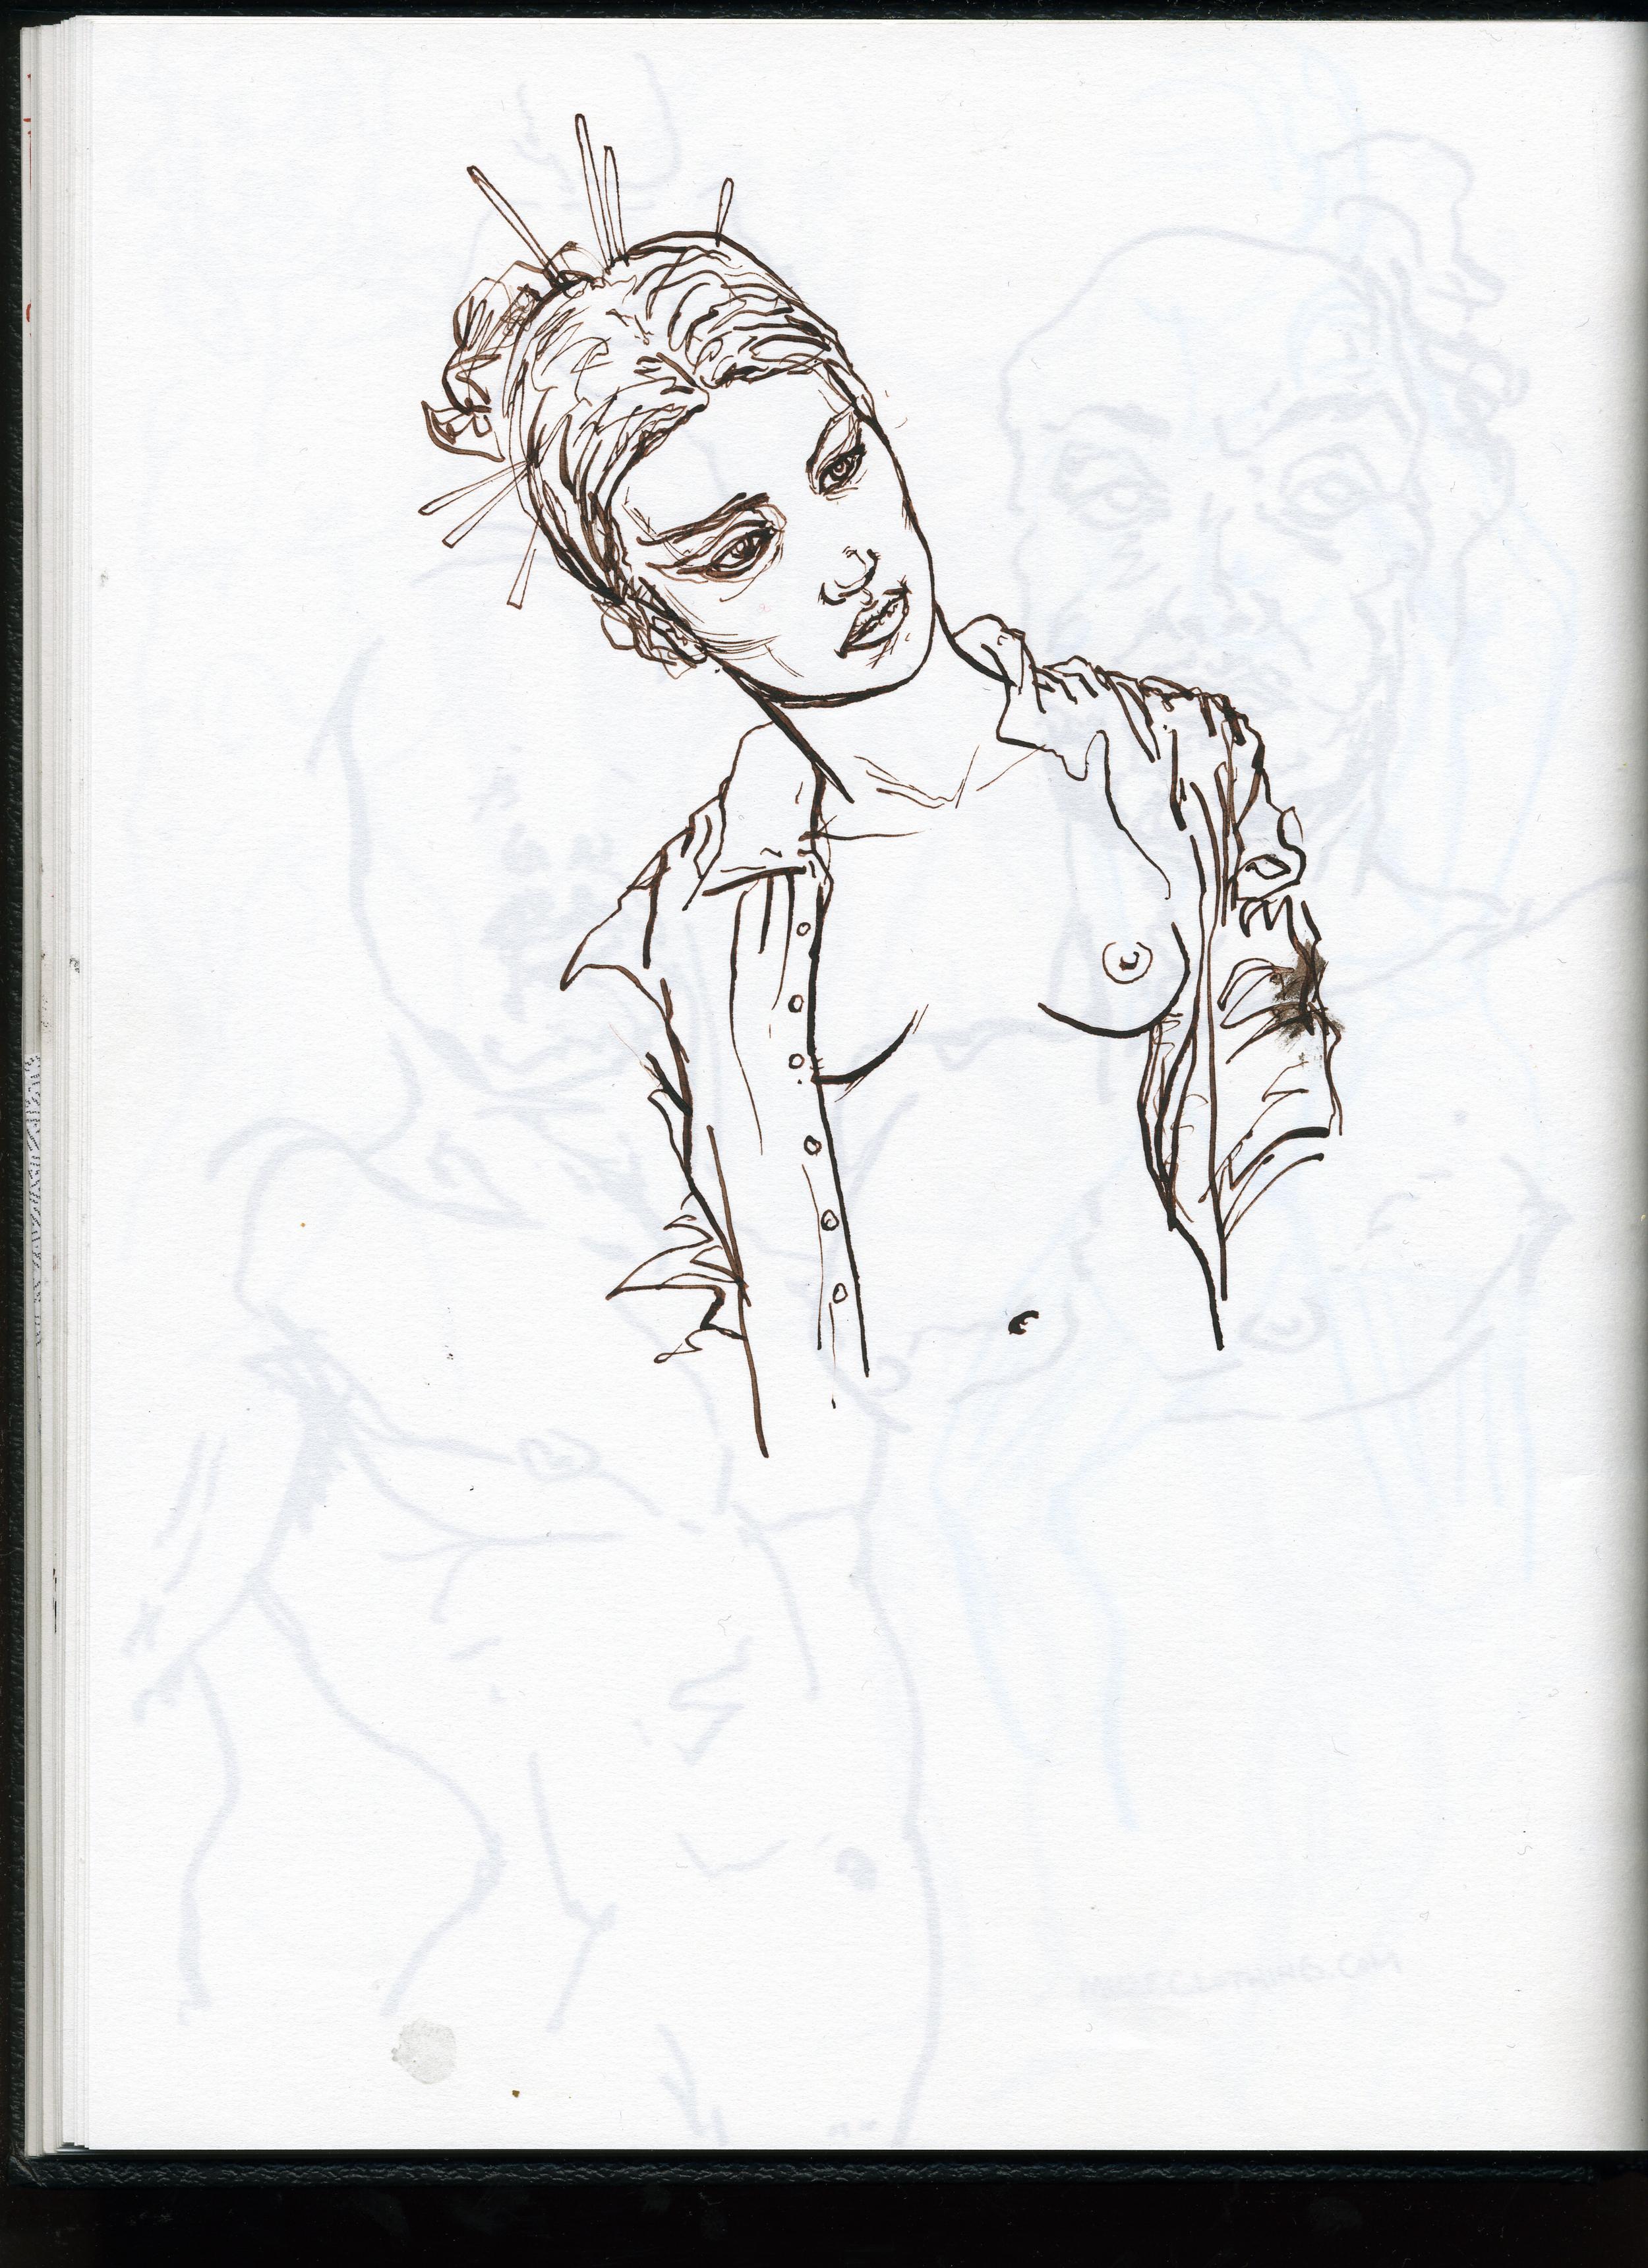 Sketchbook_Apr08_033.jpg